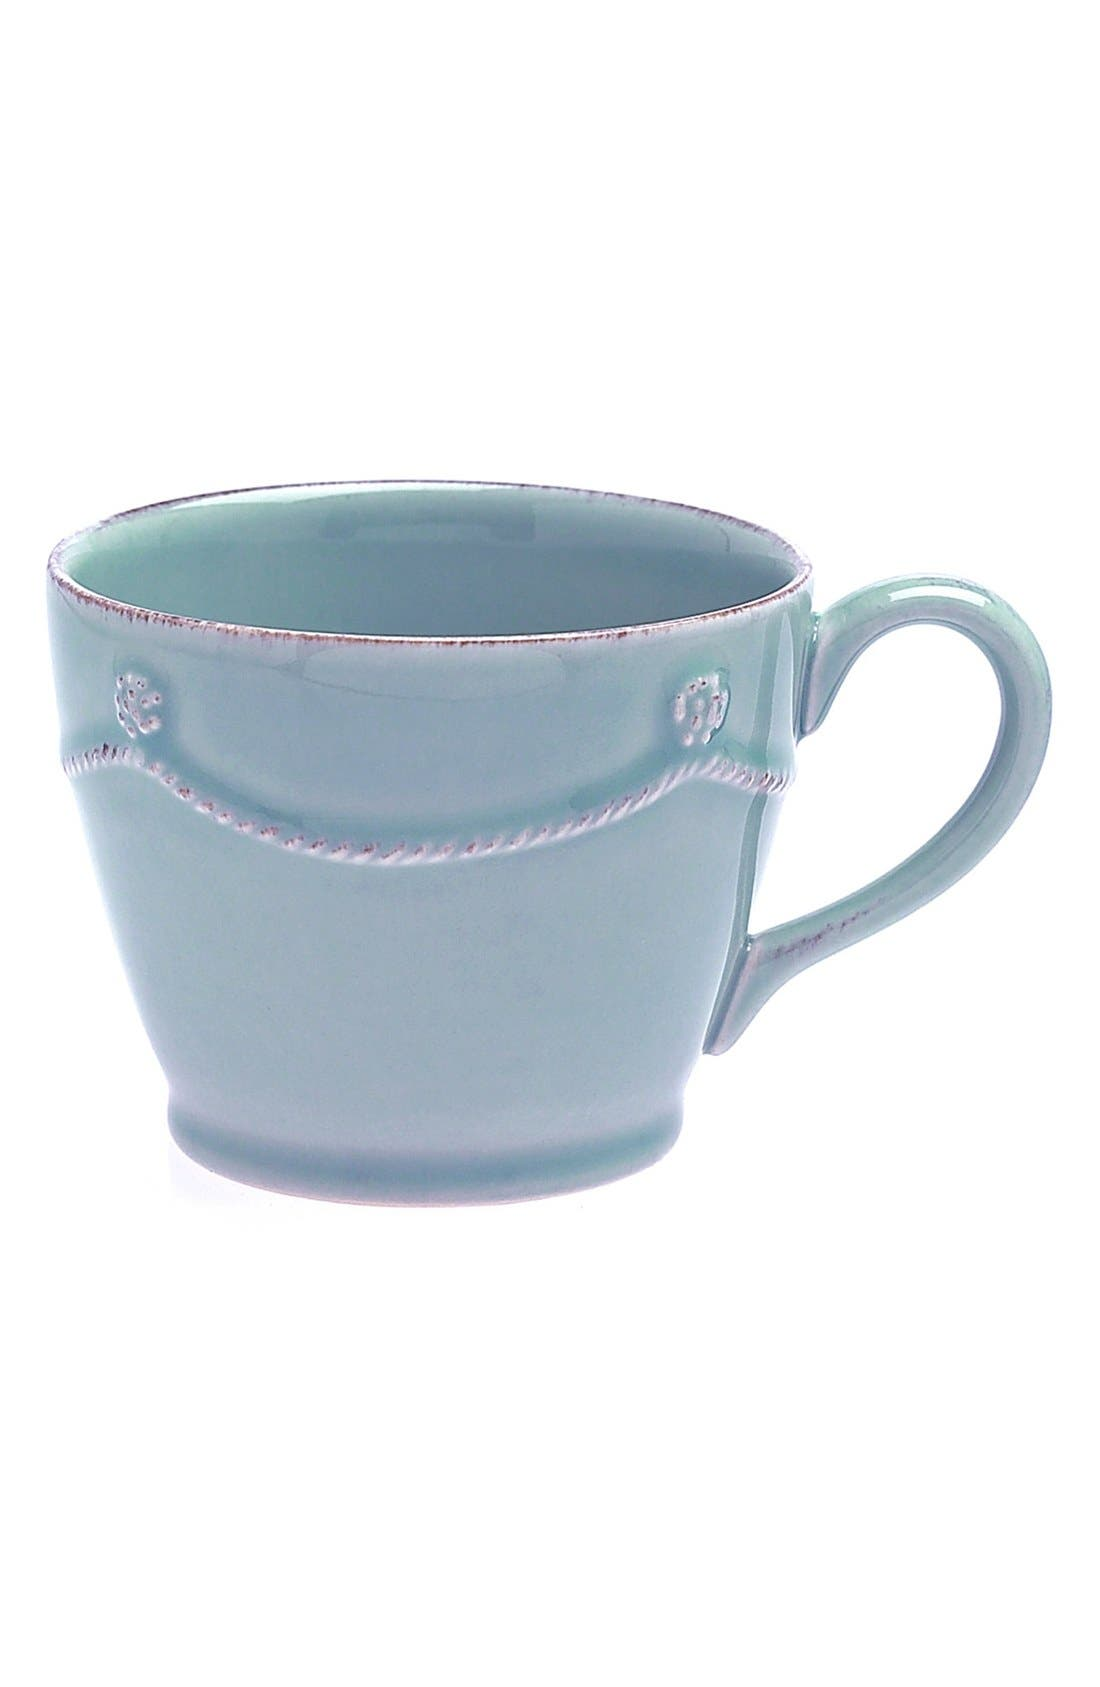 Juliska'Berry and Thread' Tea &Coffee Cup